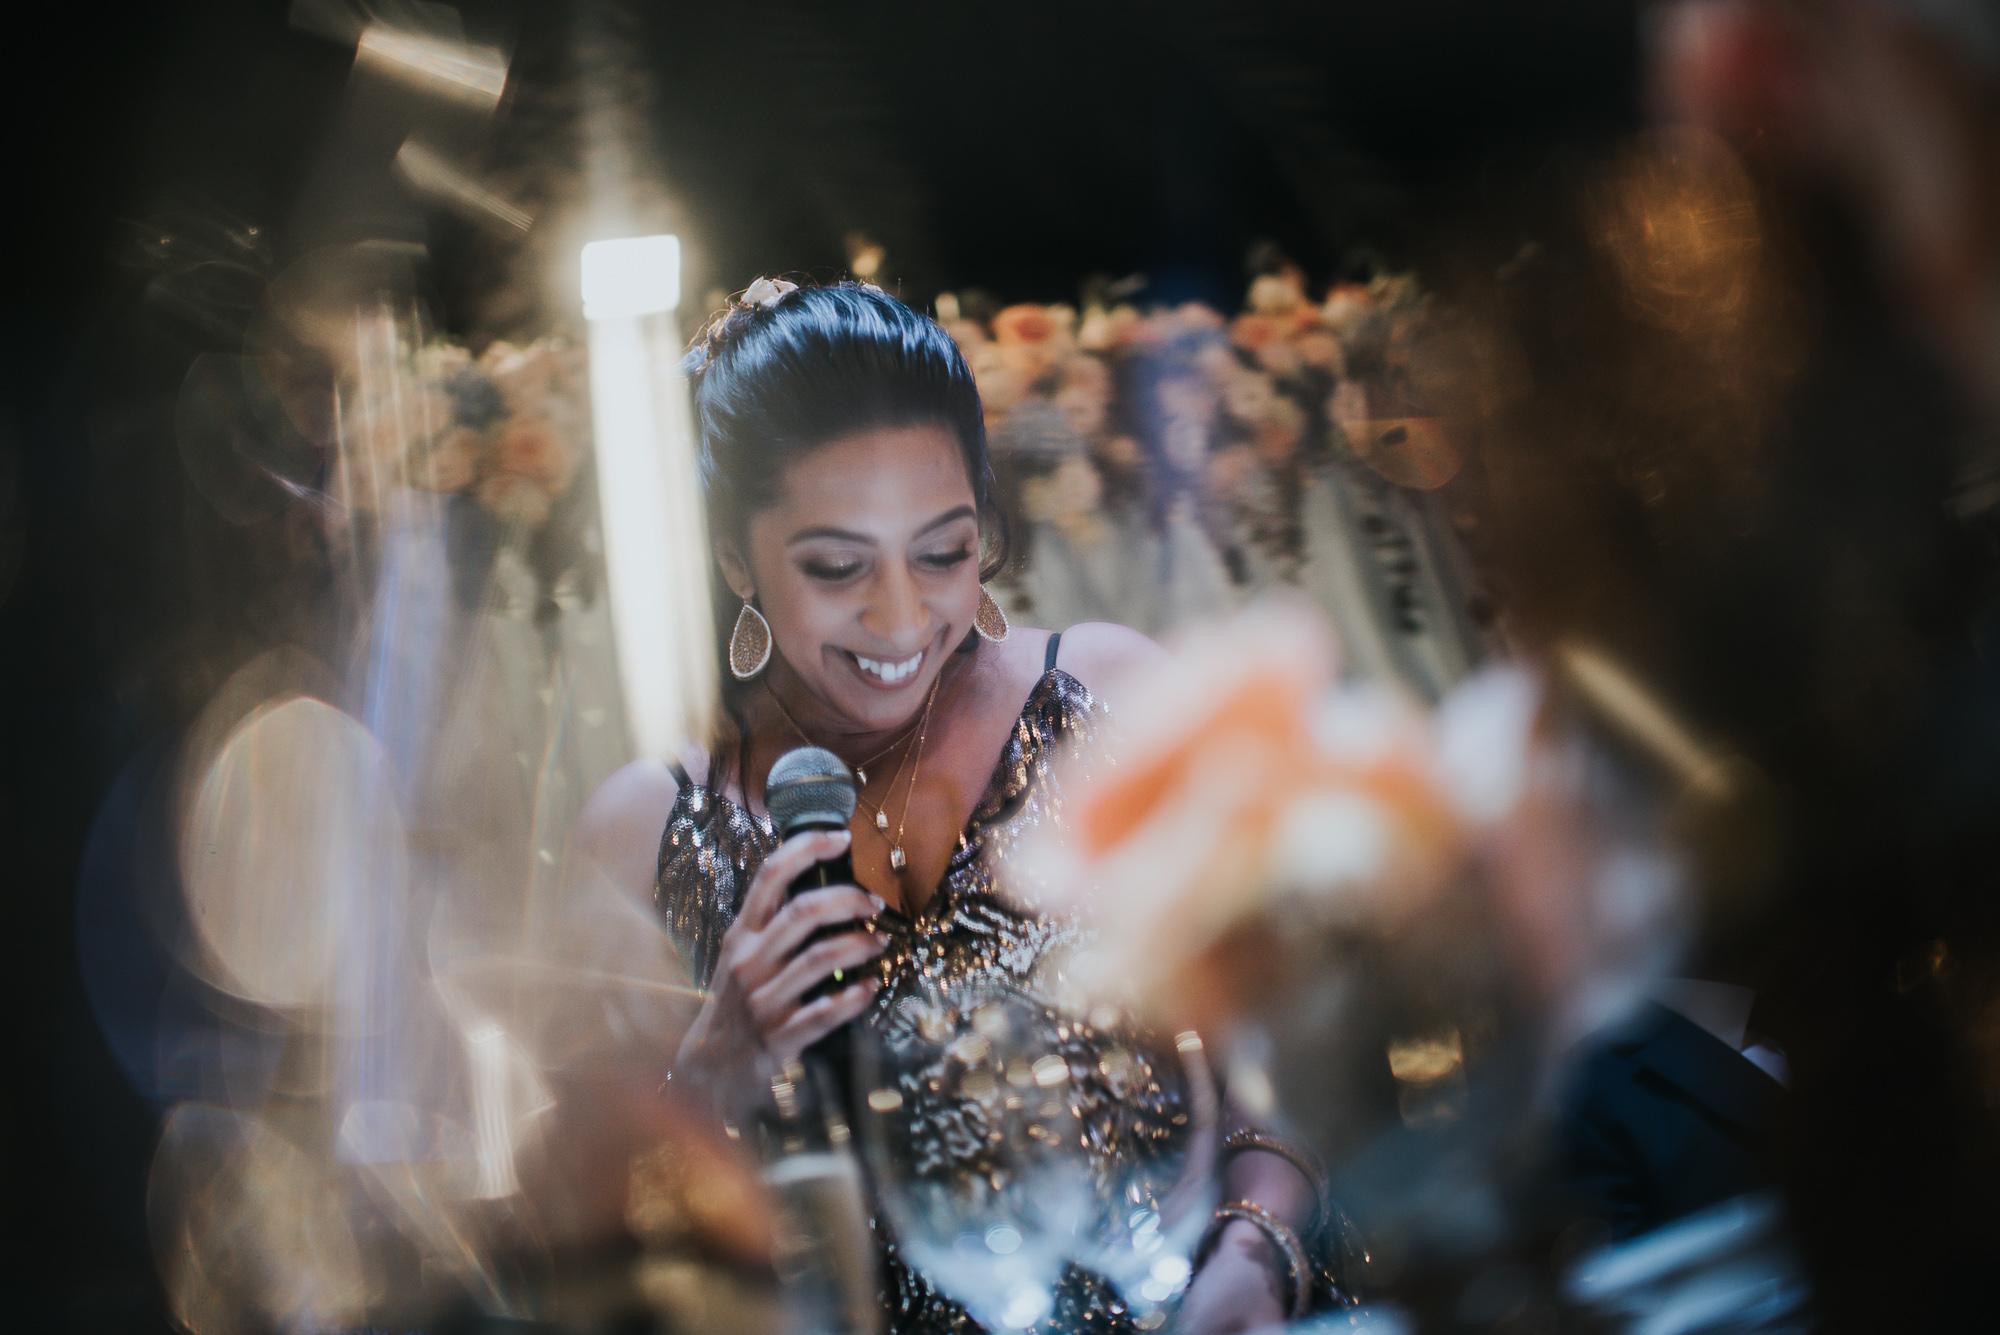 madinat jumeirah dubai wedding photographer  destination wedding photography (37 of 52).jpg